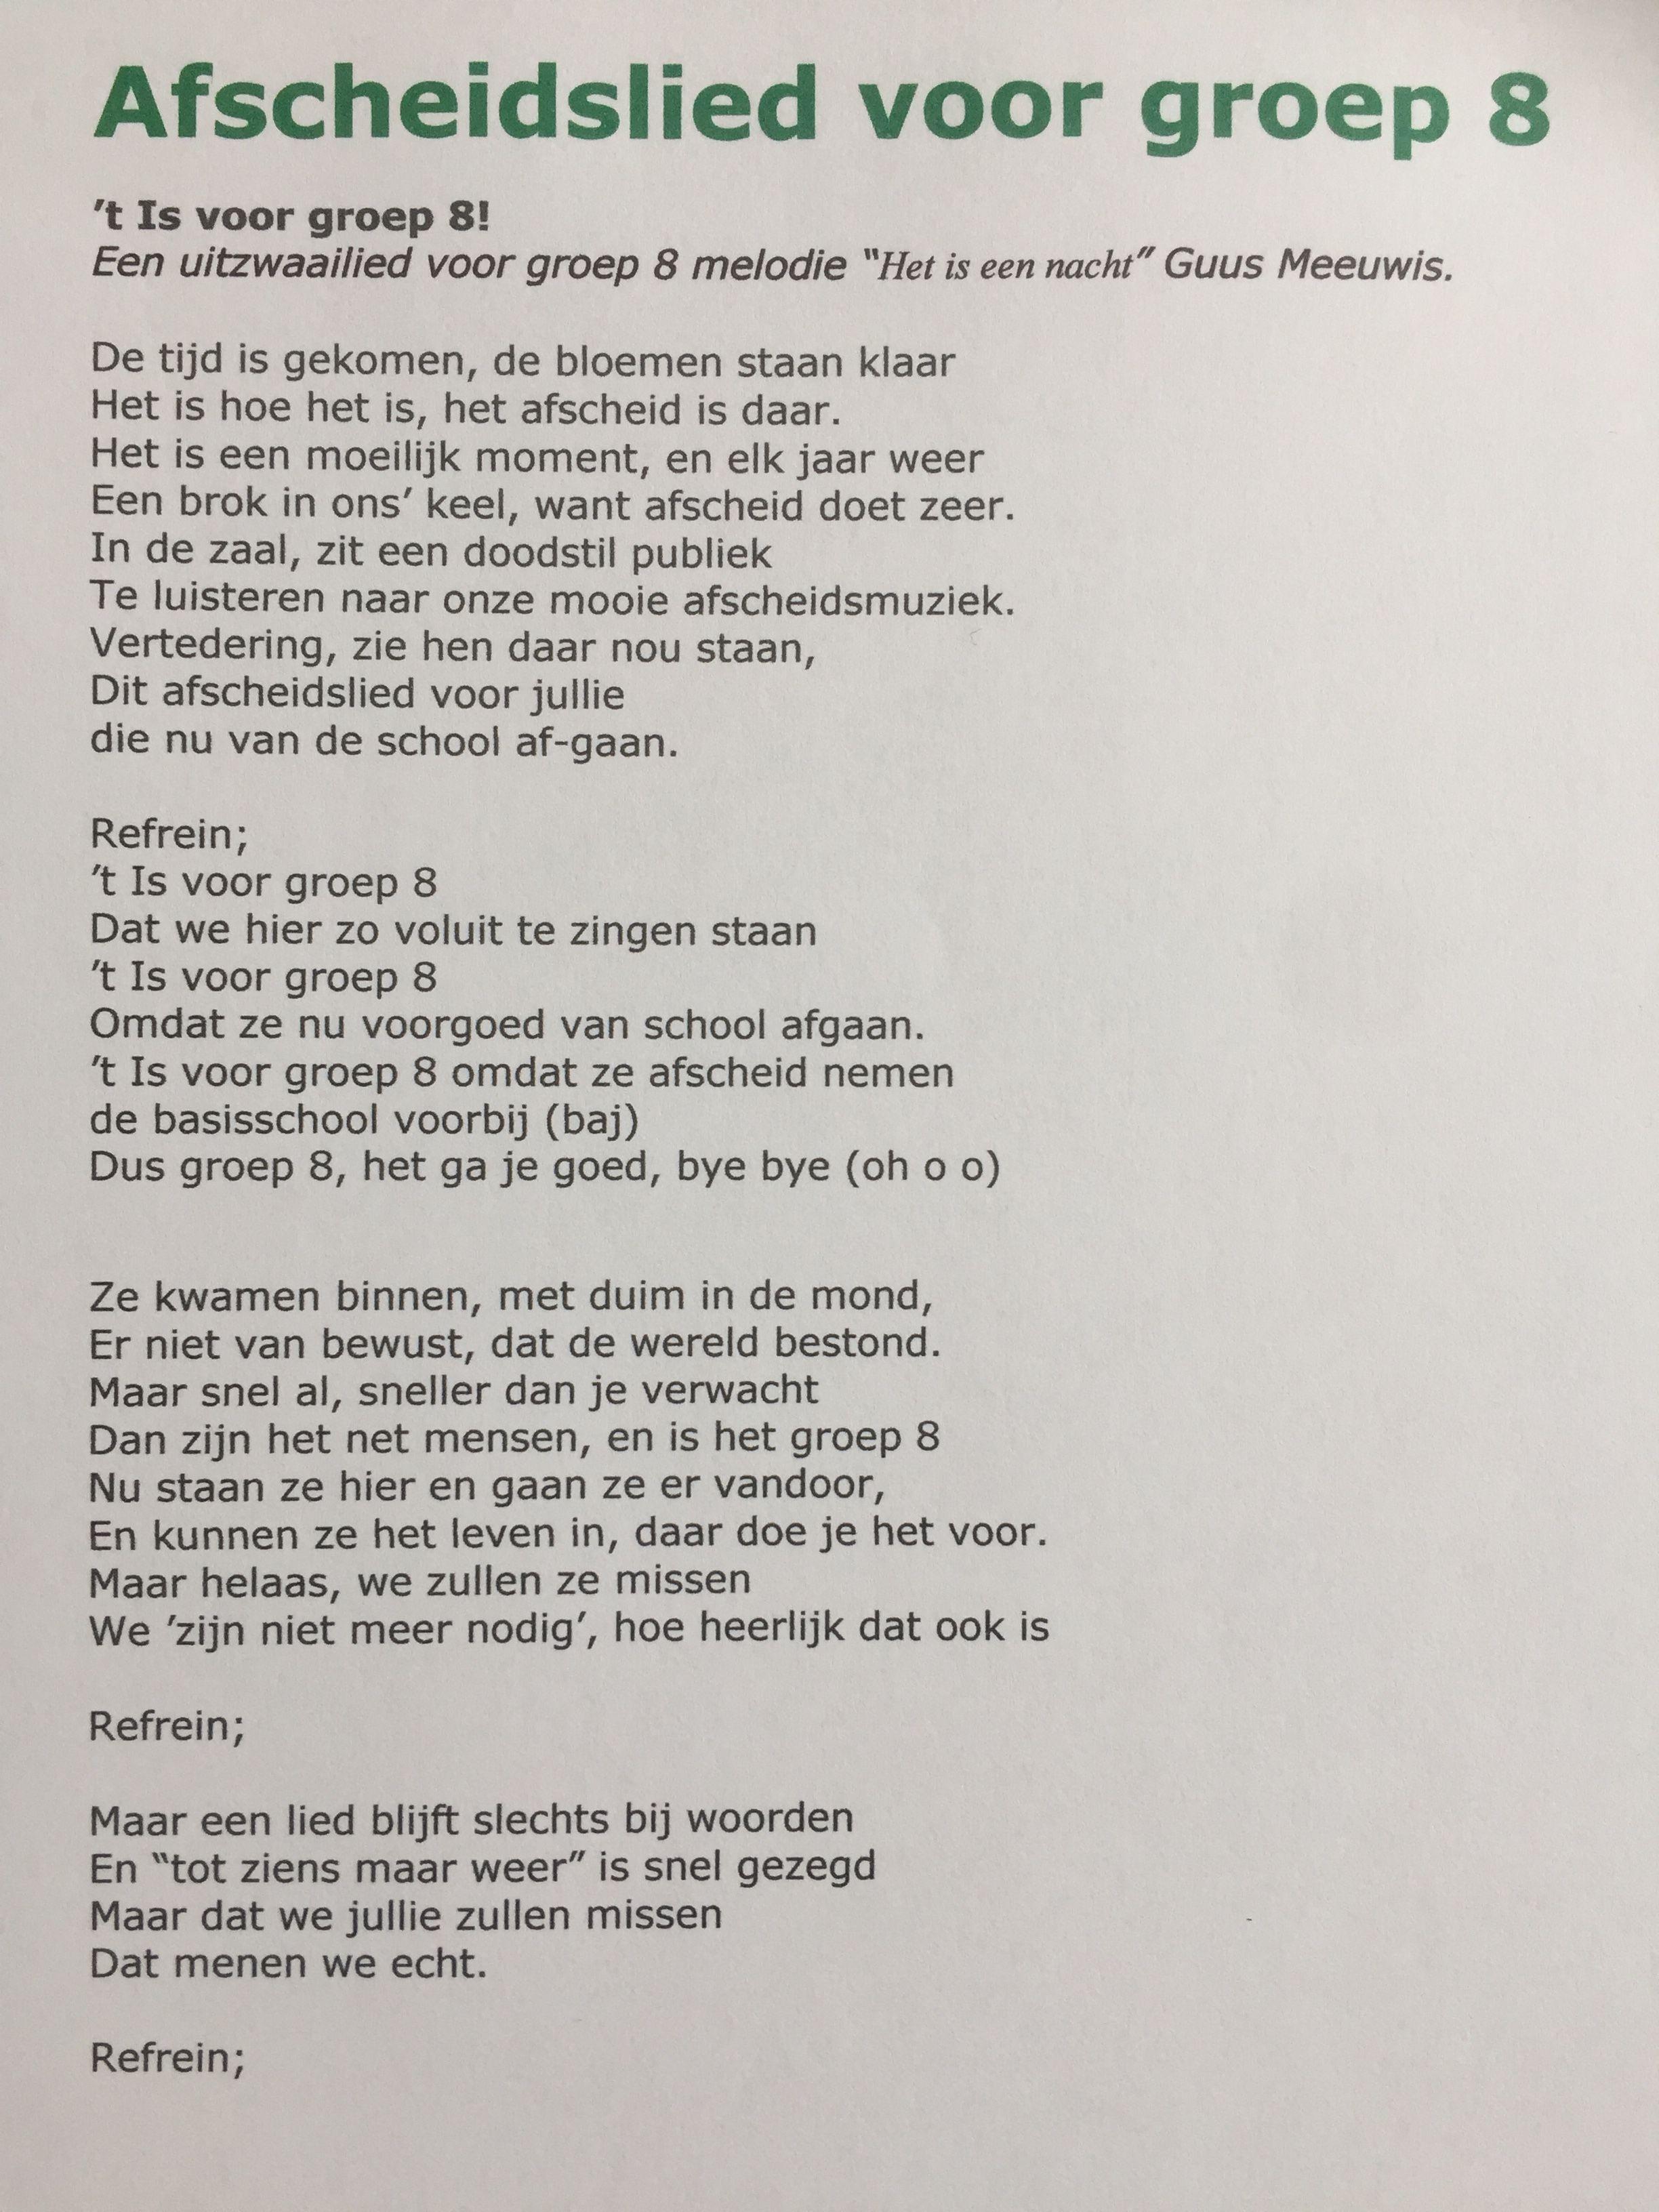 Hedendaags Afscheidslied melodie 't is een nacht' voor groep 8 van de MG-87